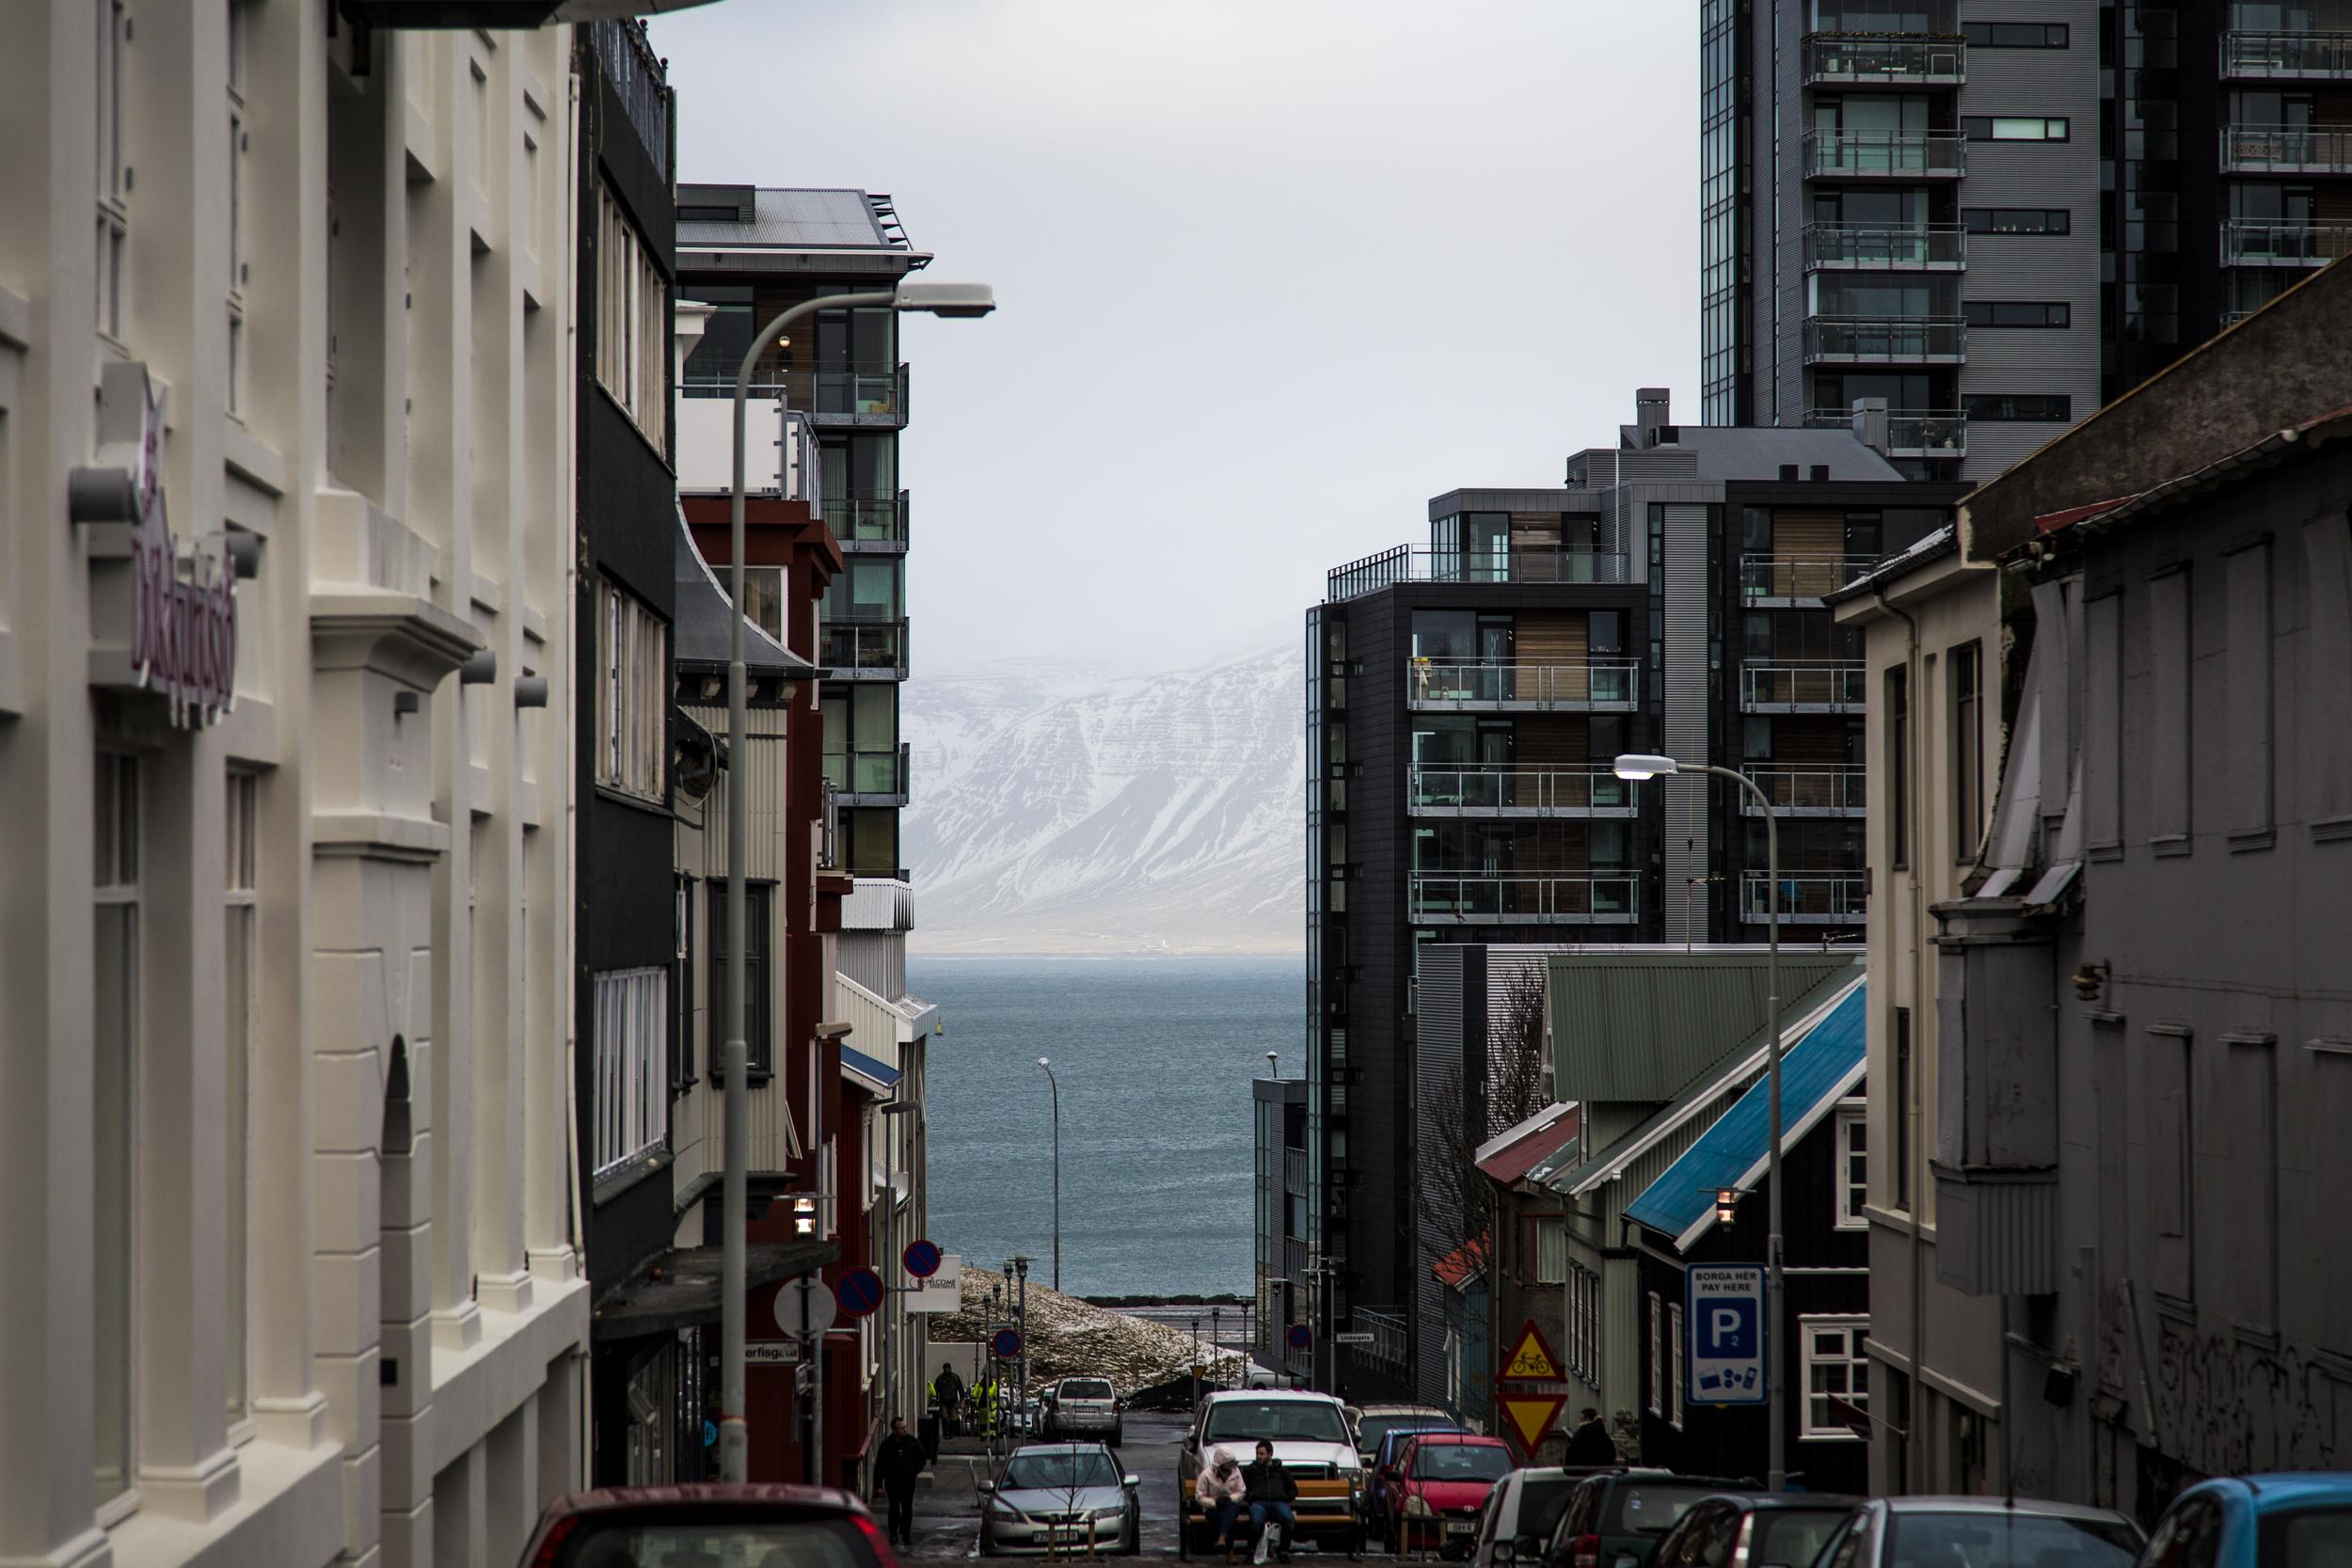 NCP_04022015_Iceland_0110.jpg